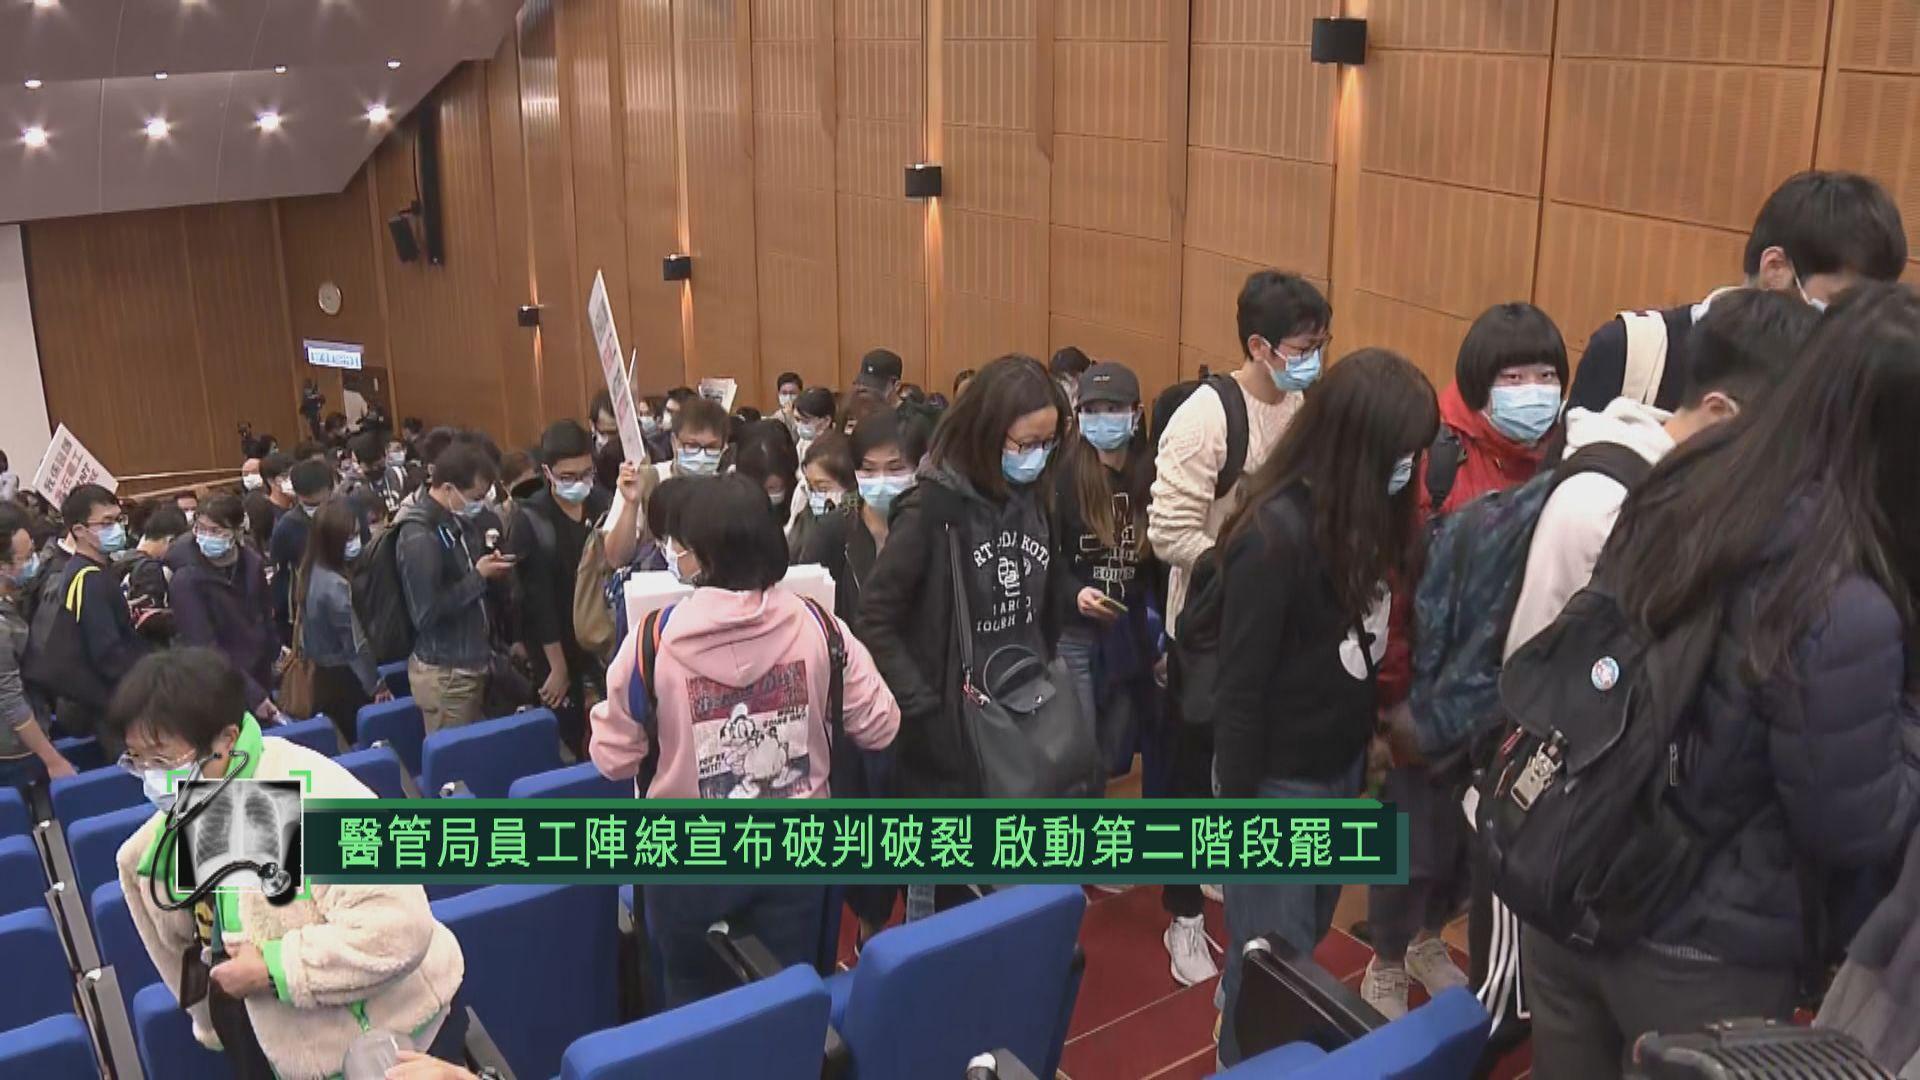 醫管局員工陣線宣布破判破裂 啟動第二階段罷工